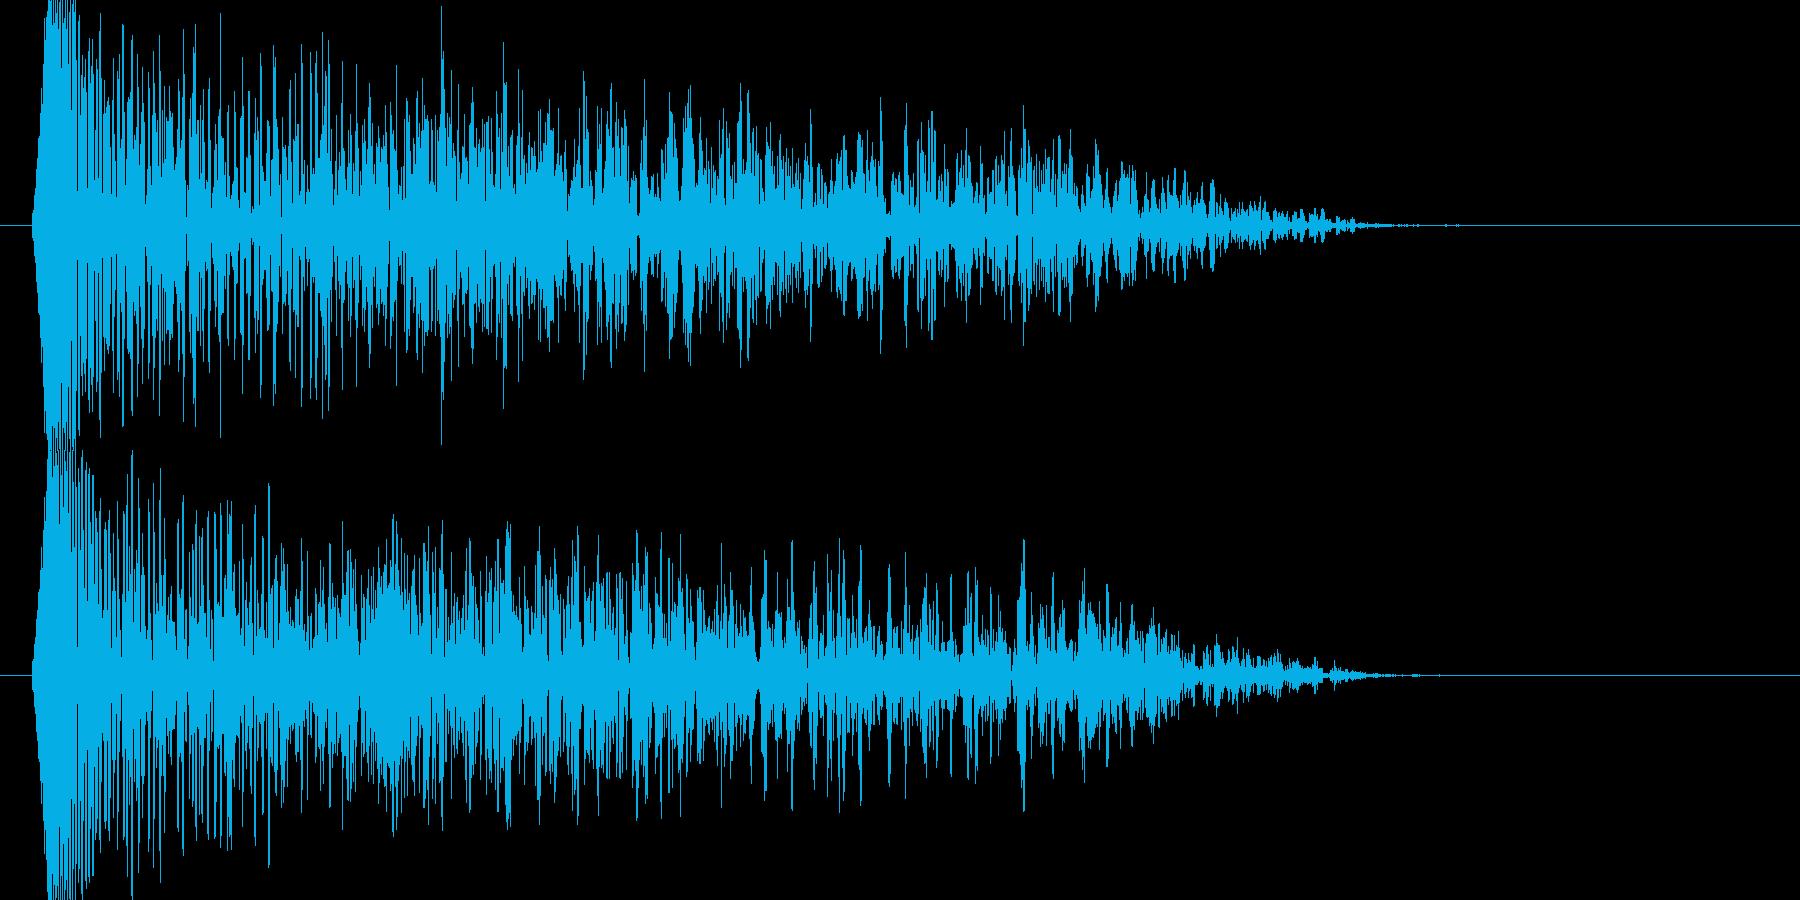 ブォーン、ジリジリジリジリ(衝撃波)の再生済みの波形